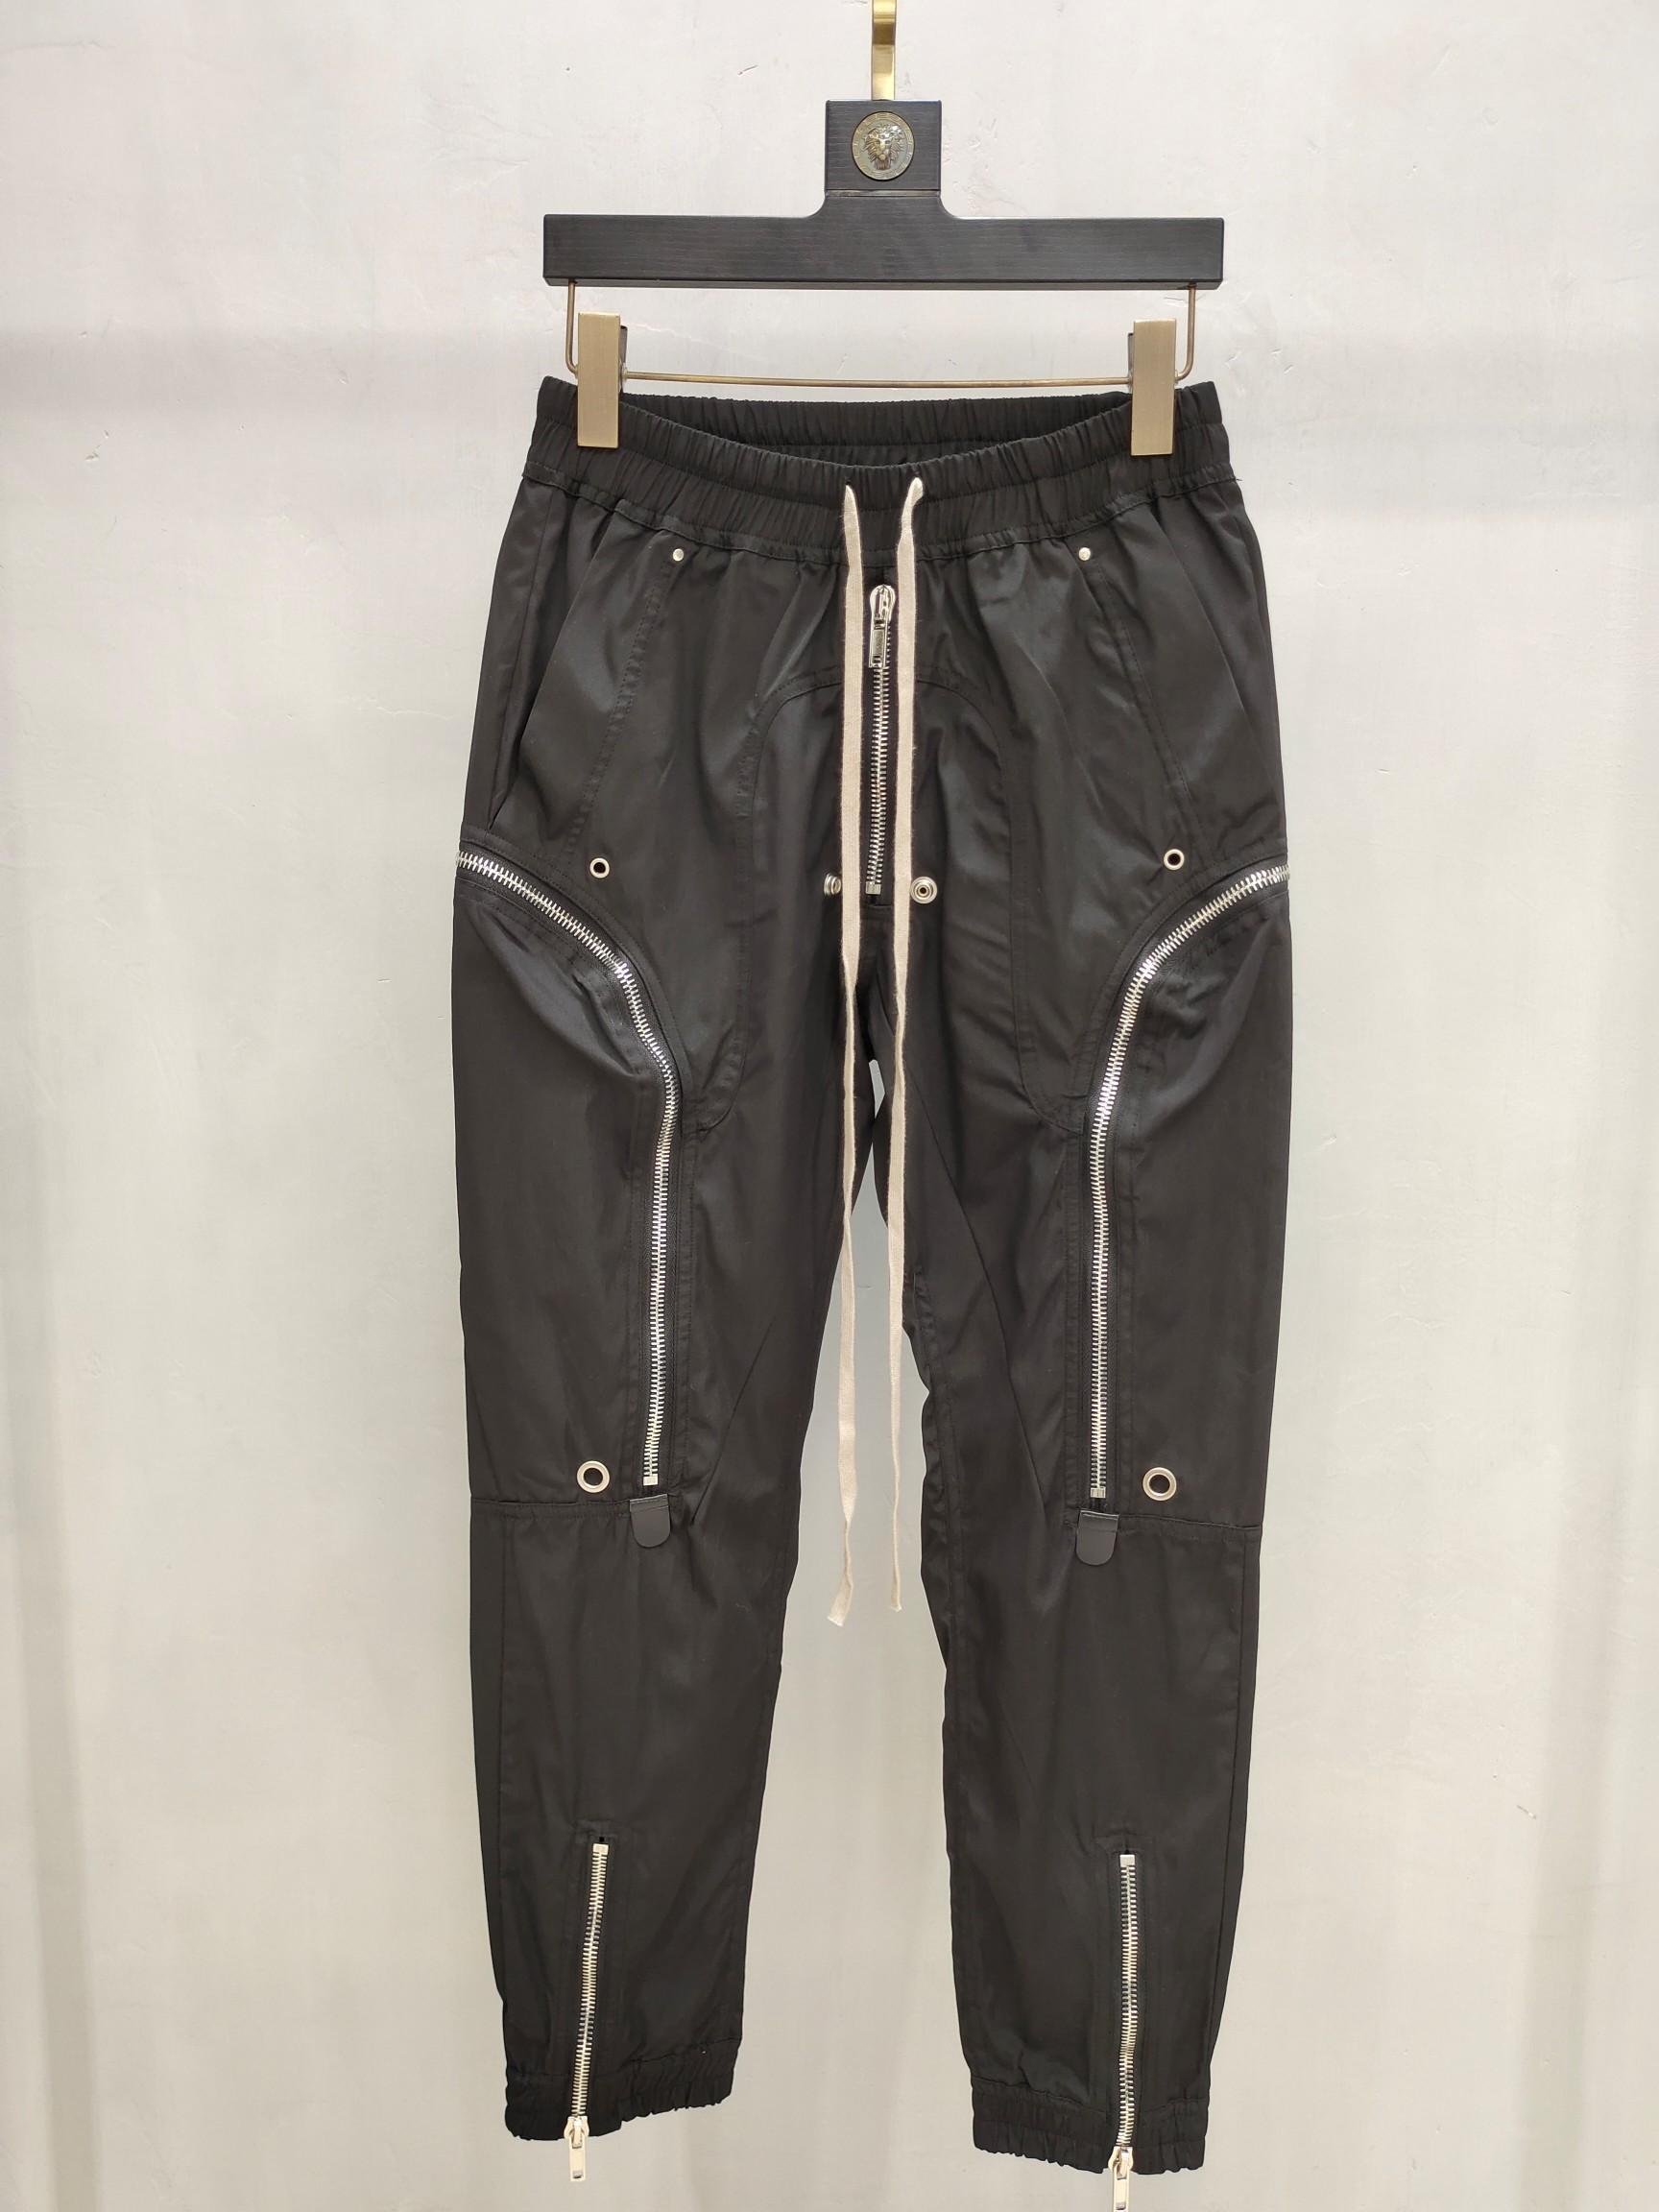 Le crime est le jogging pantalon de survêtement de vêtements de fitness et sur le terrain pantalon décontracté shorts de jogging noir gymnase pantalon serré fitness ~ FG1